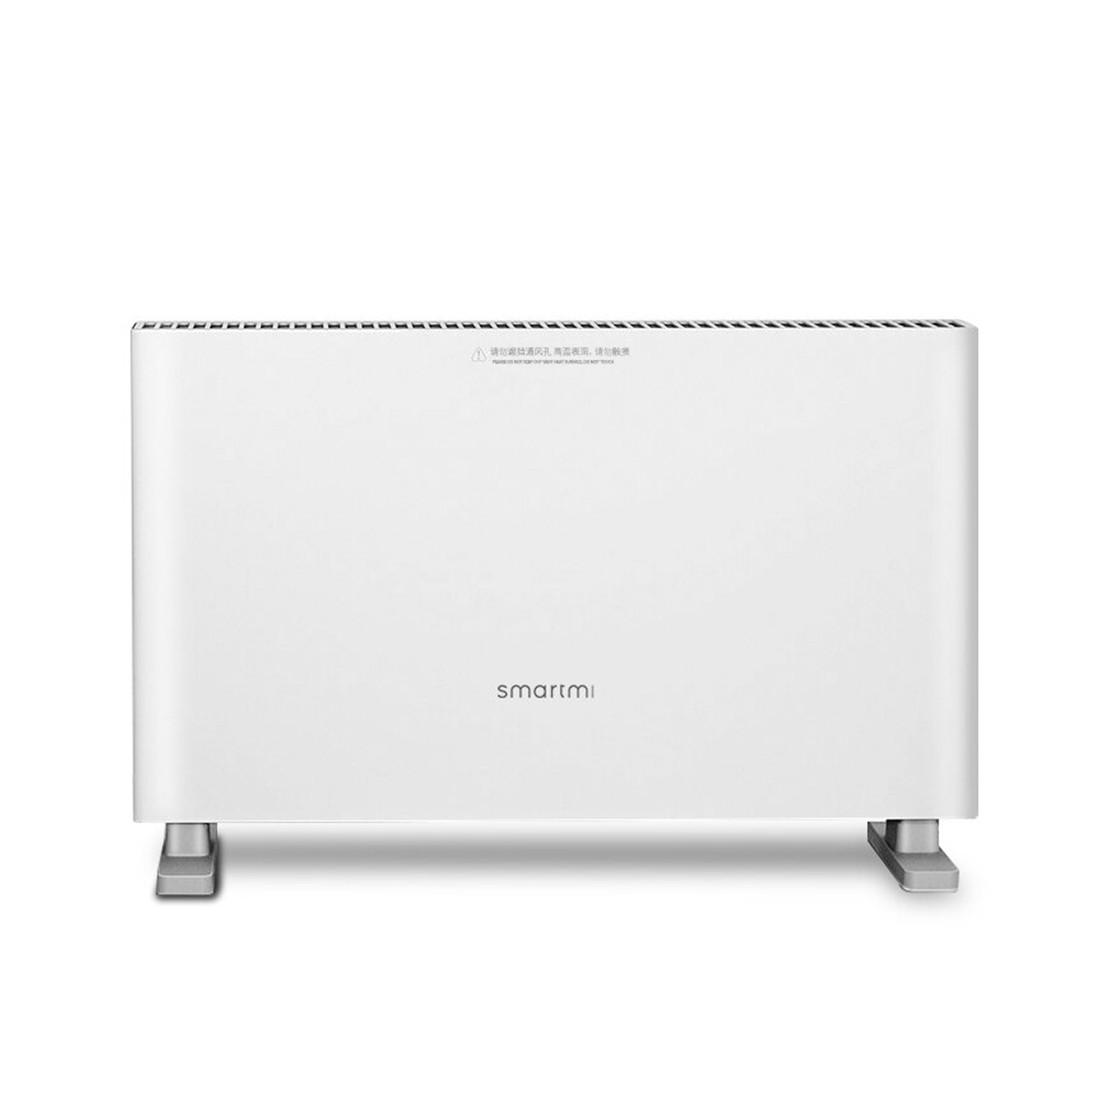 Обогреватель конвекторный Smartmi Convector Heater 1S Белый